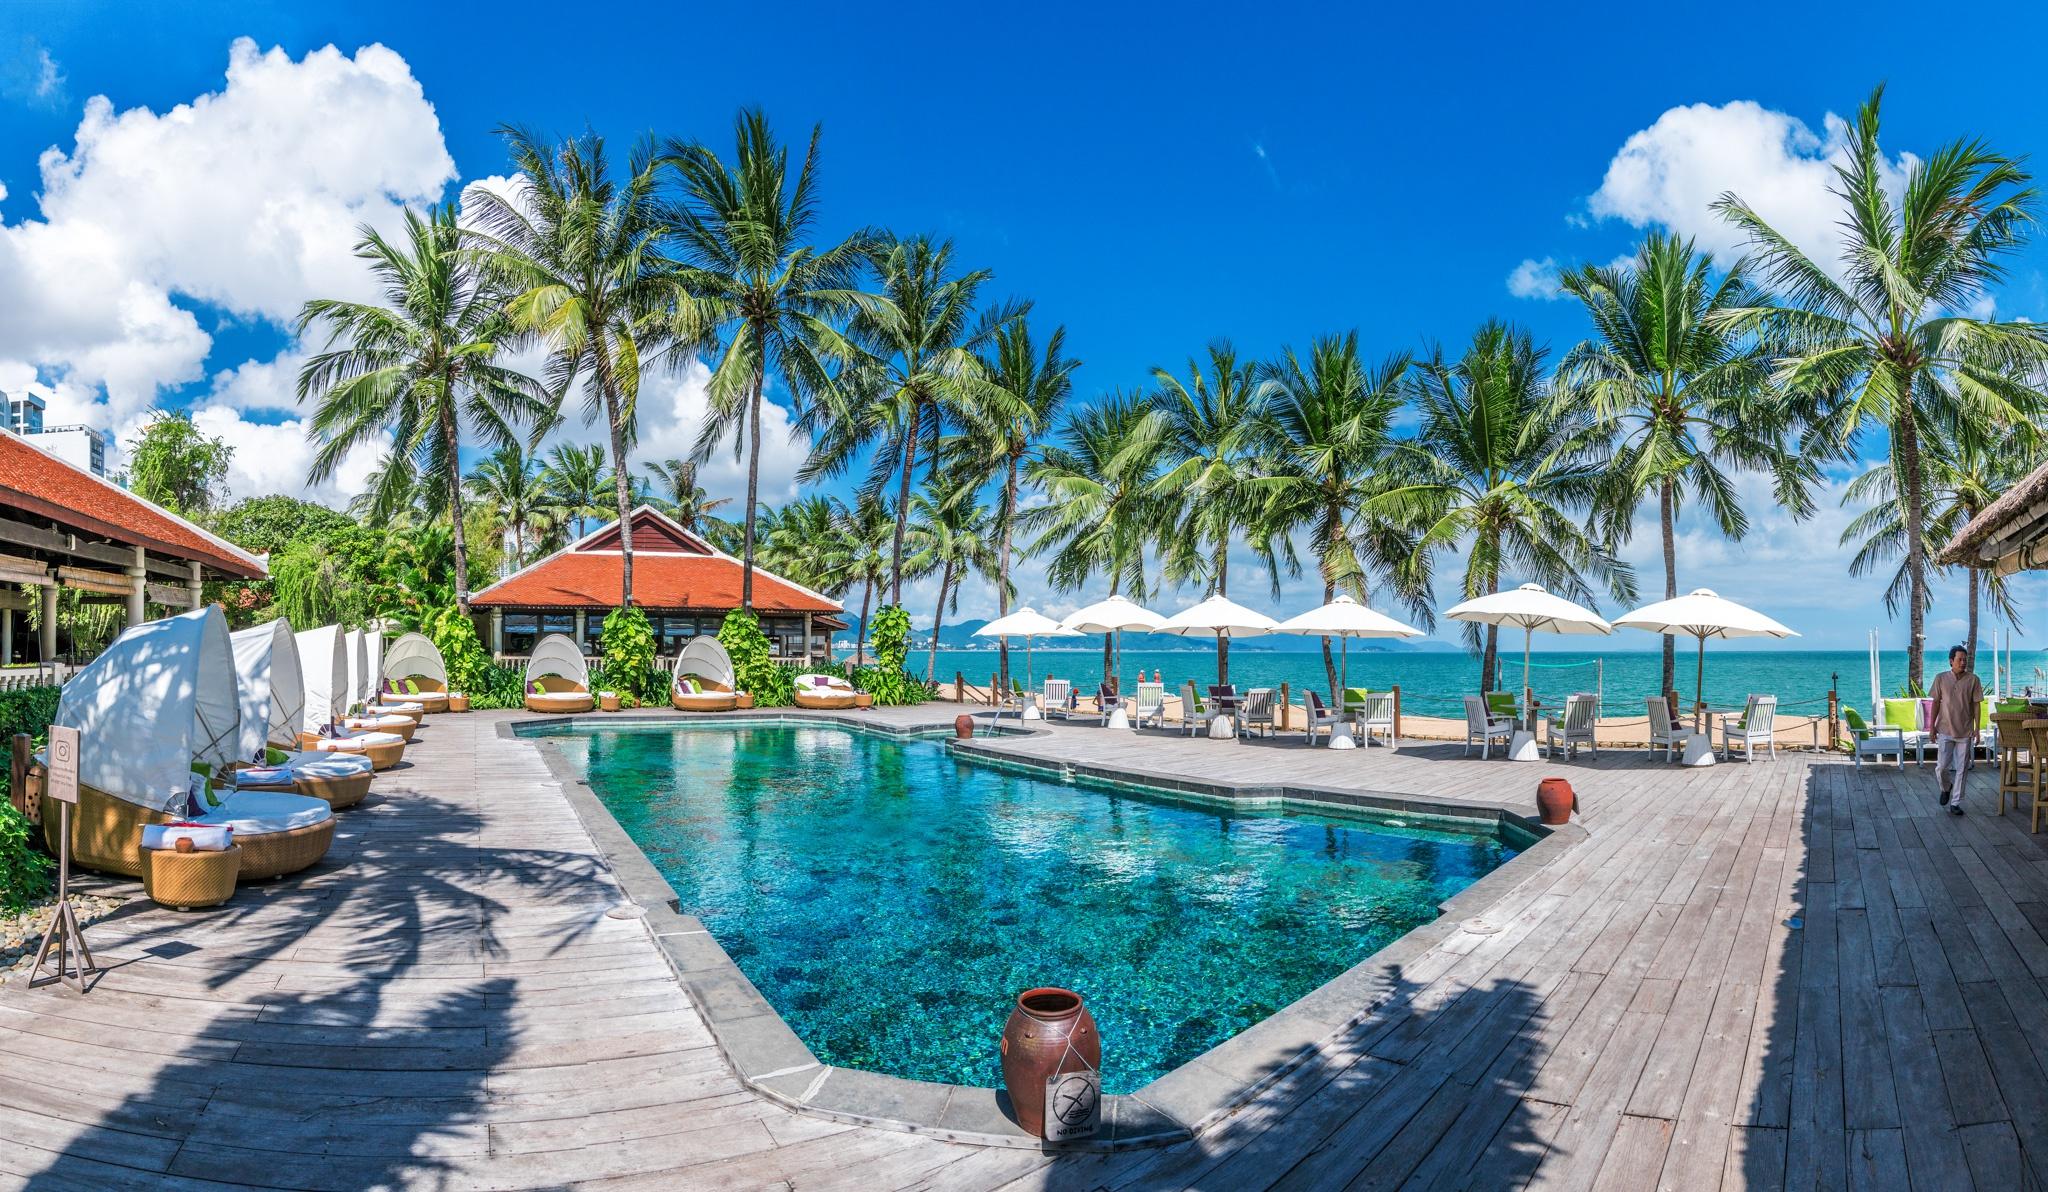 Chuyến đi mùa hè đến thiên đường biển đảo Nha Trang - Ảnh 3.